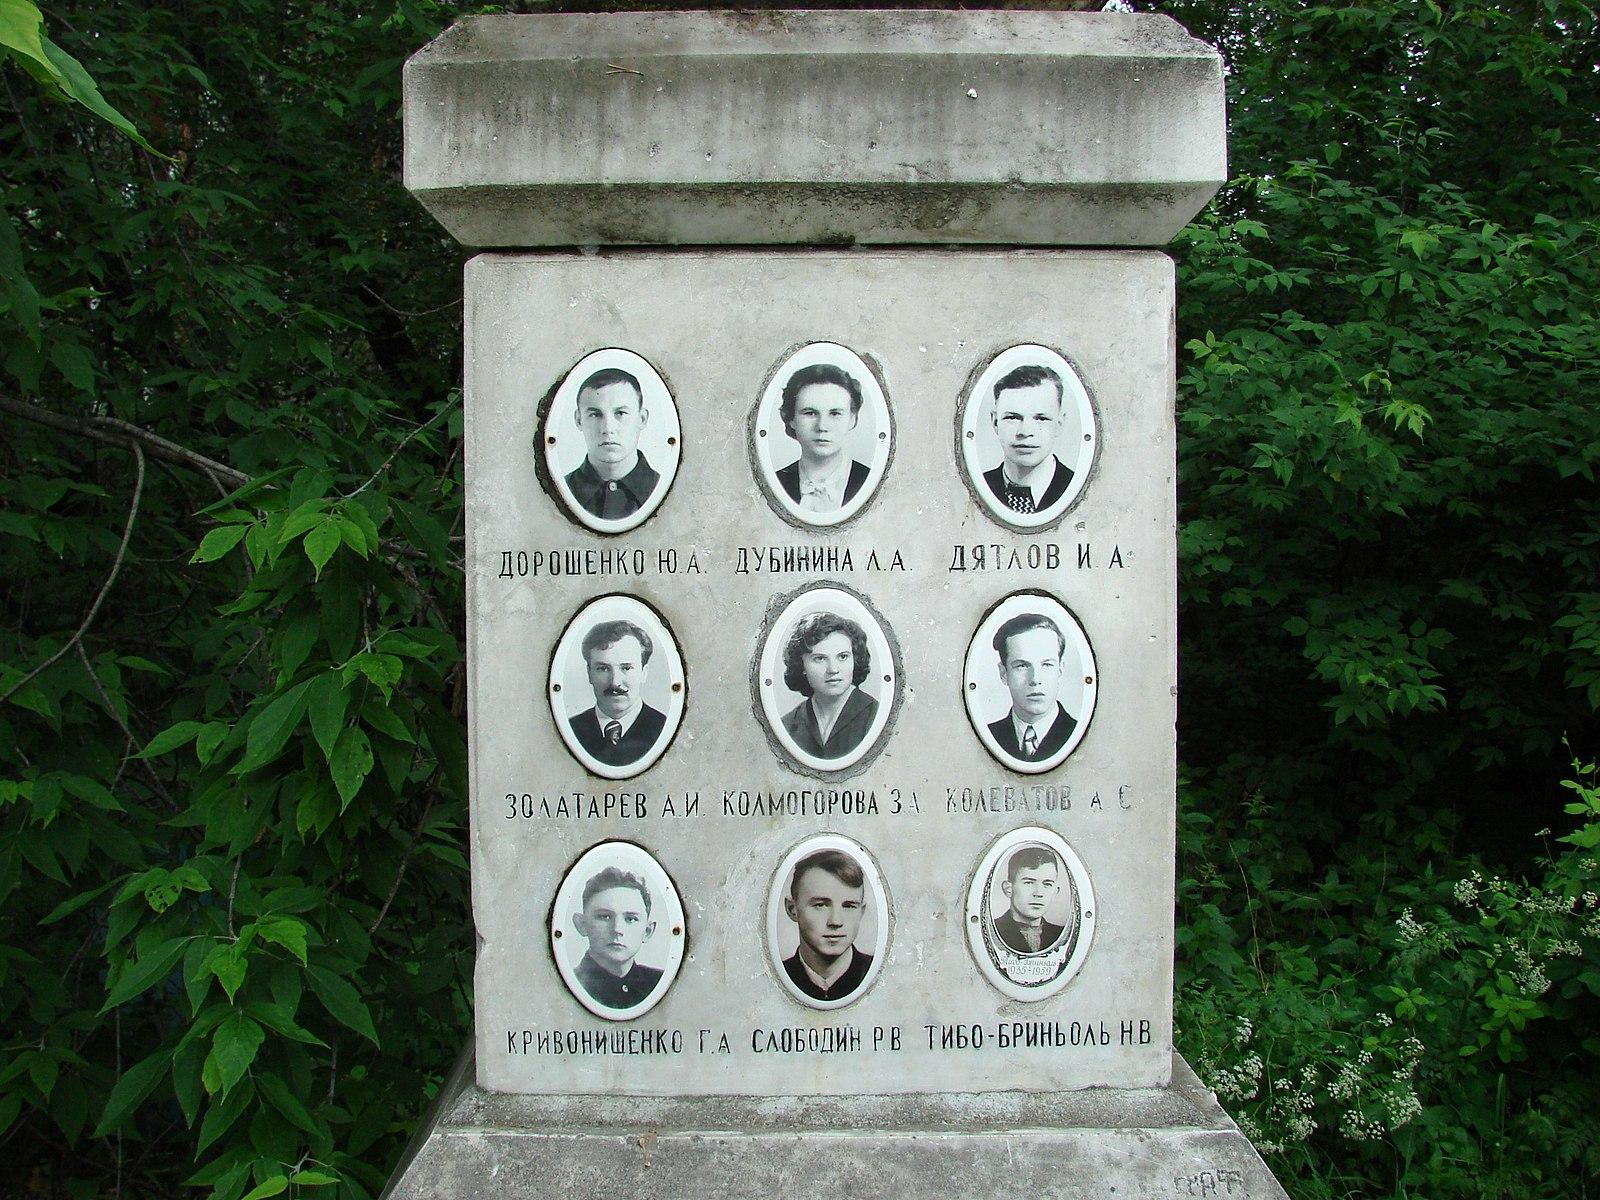 La tombe du groupe décédé dans des circonstances mystérieuses dans le nord des montagnes de l'Oural.